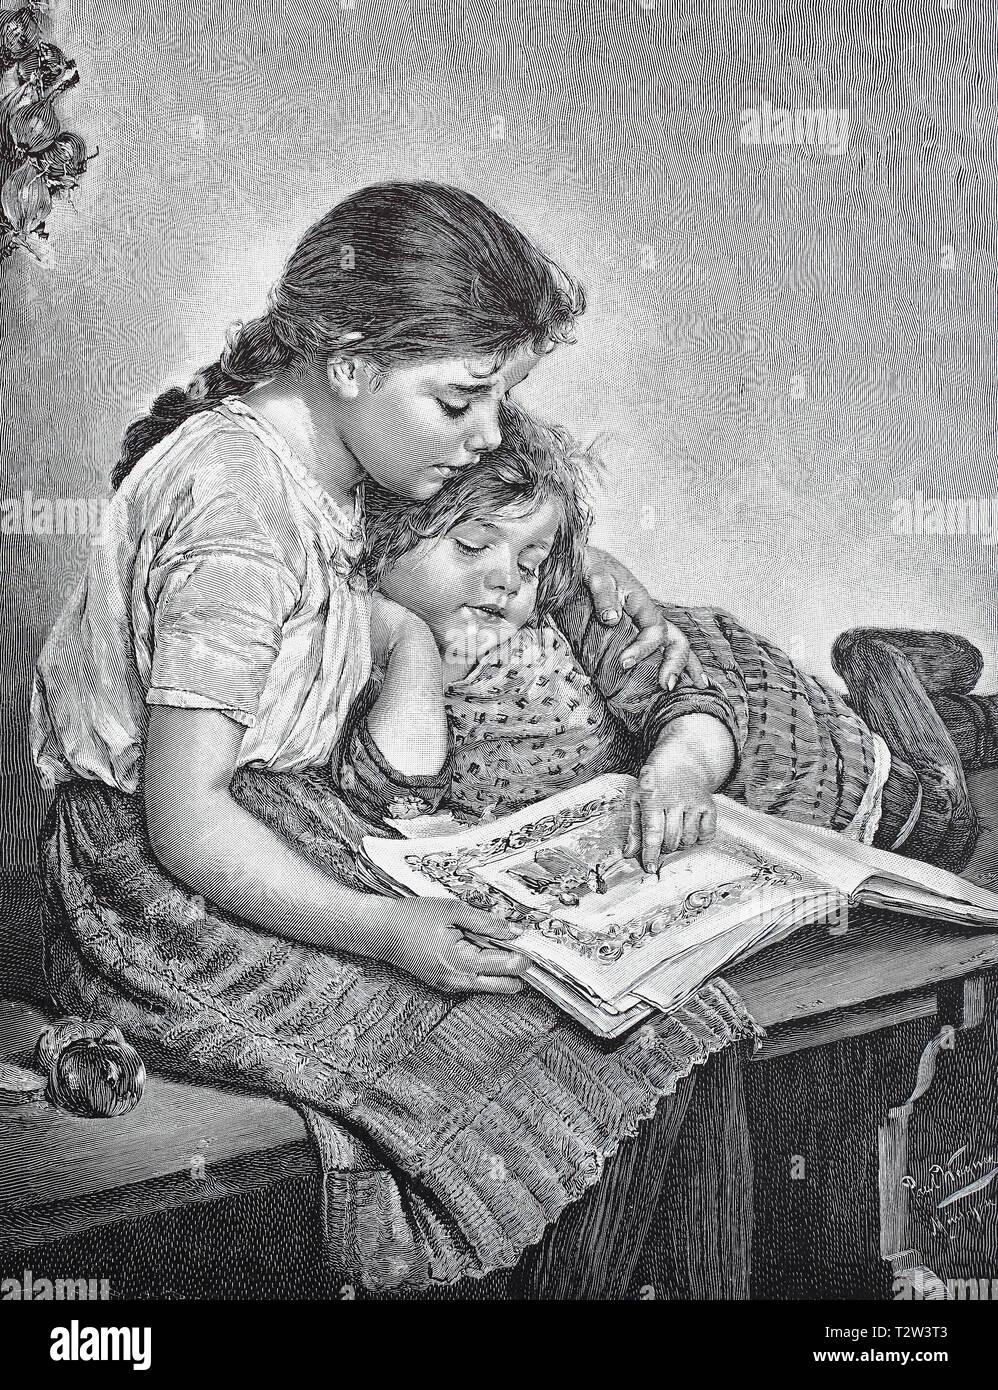 Two girls are deepened in a picture book, after a painting by Paul Wagner, Zwei Mädchen sind in einem Bilderbuch vertieft, nach einem Gemälde von Paul Wagner Stock Photo